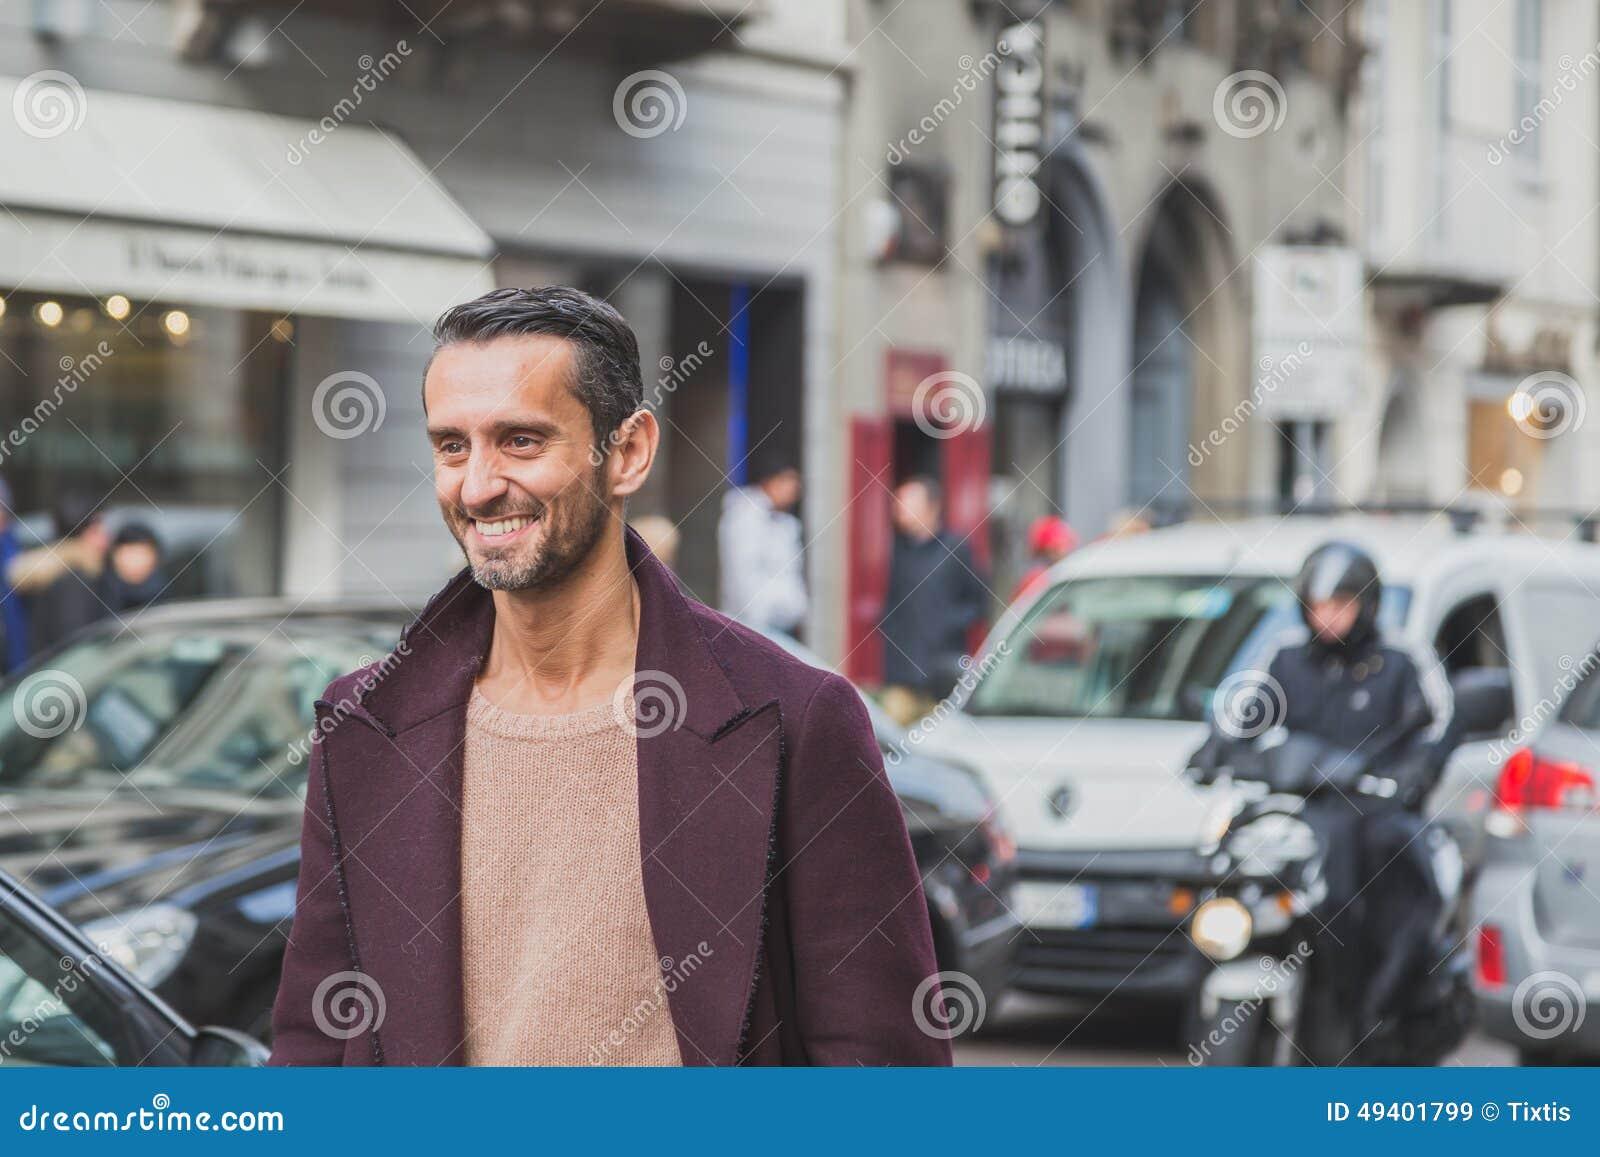 Download Leute Außerhalb Des Cavalli-Modeschaugebäudes Für Milan Mens Mode-Woche 2015 Redaktionelles Stockbild - Bild von draußen, italien: 49401799